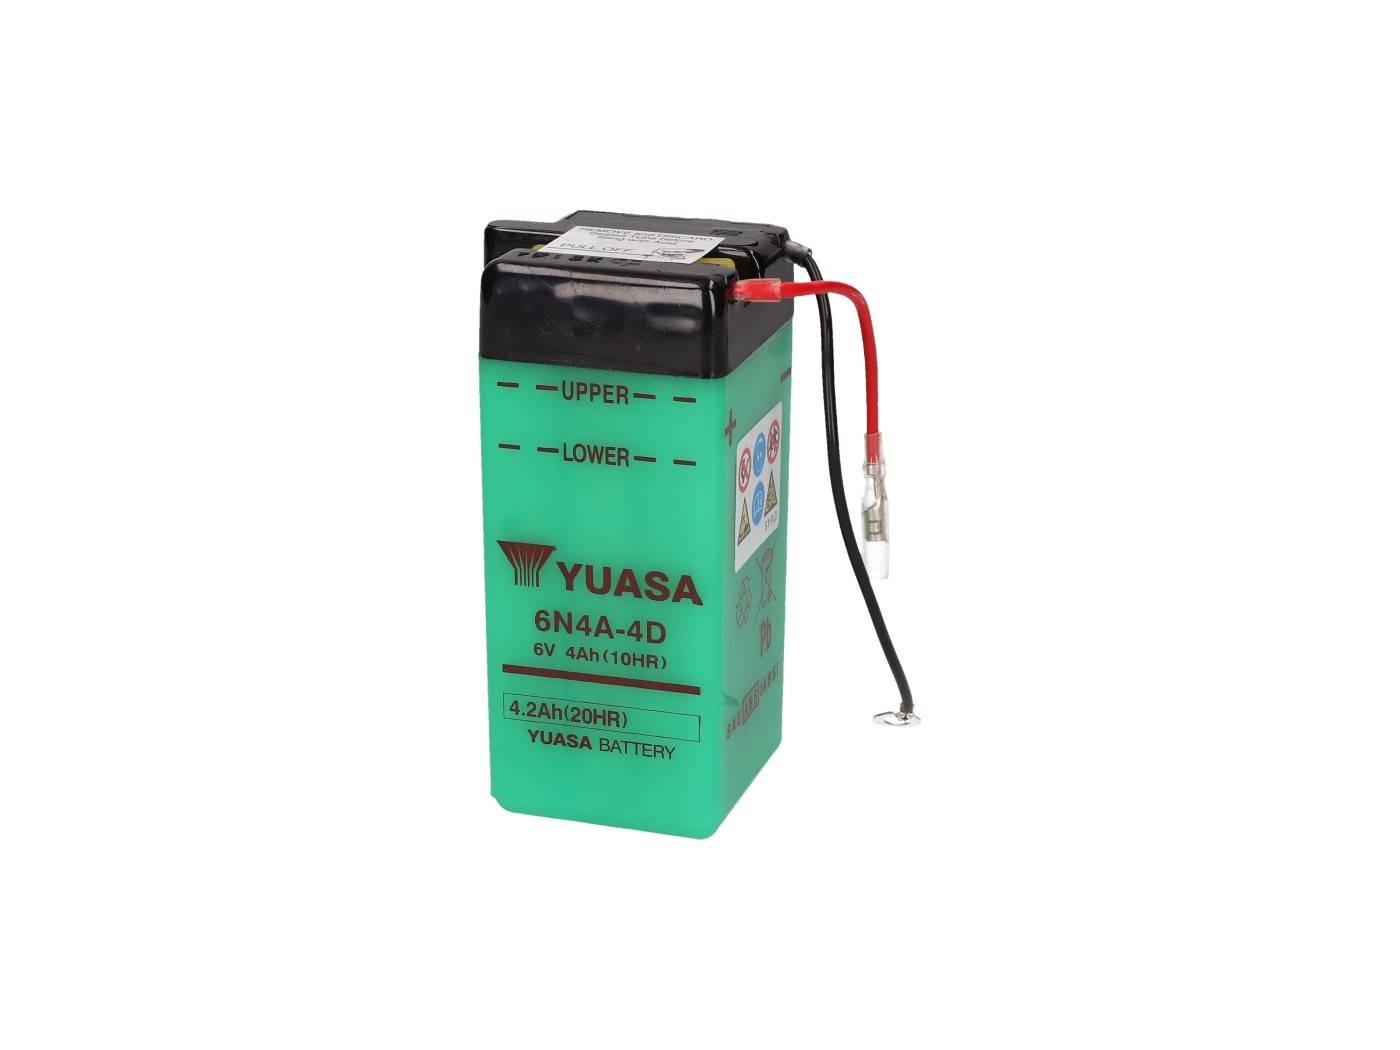 Yuasa 6N4A-4D akkumulátor - savcsomag nélkül